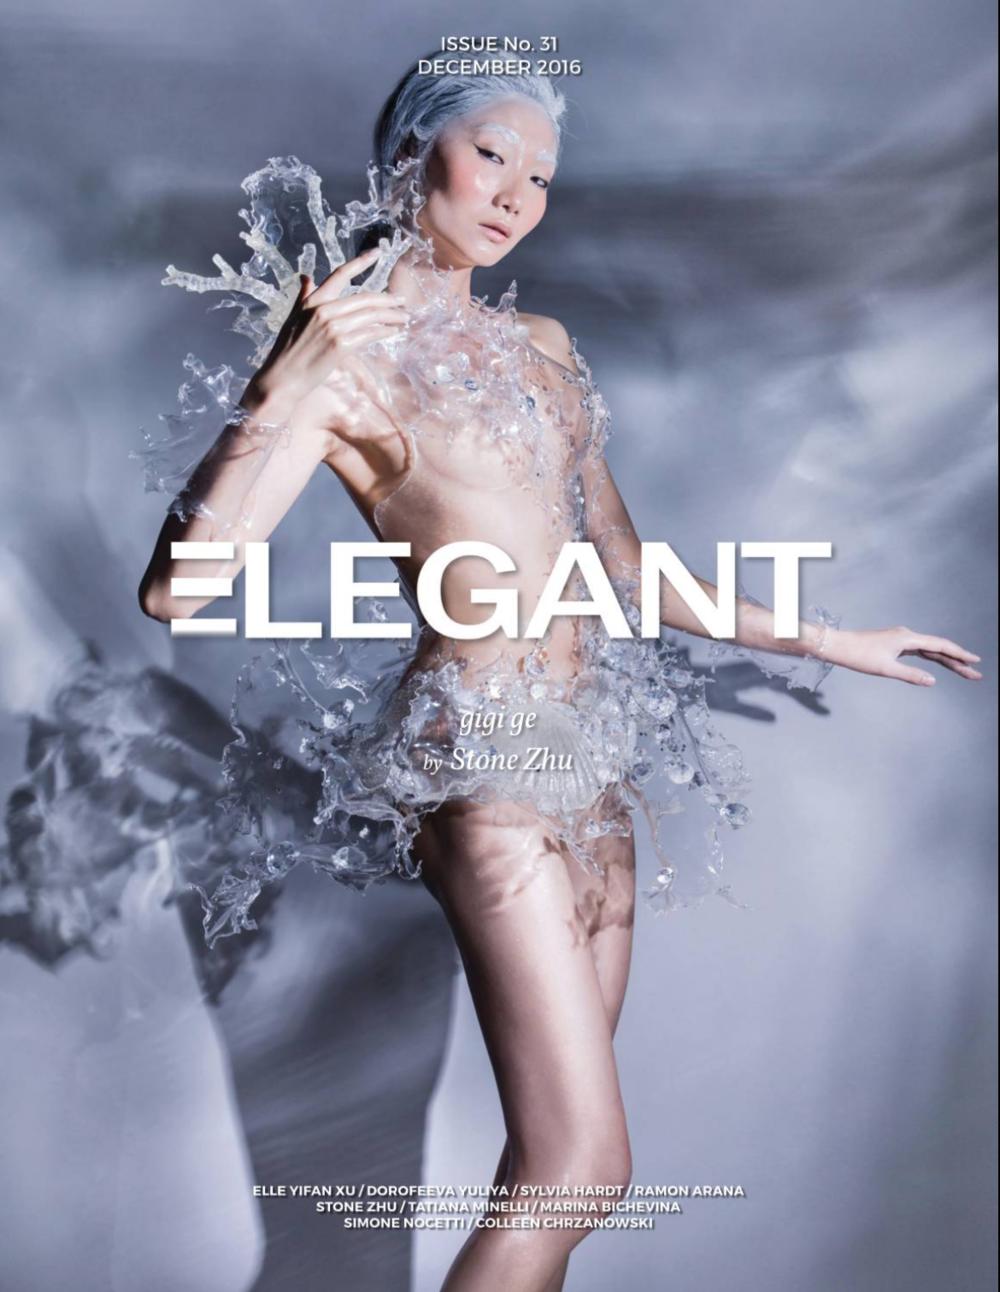 Elegant magazine cover Dec 2016